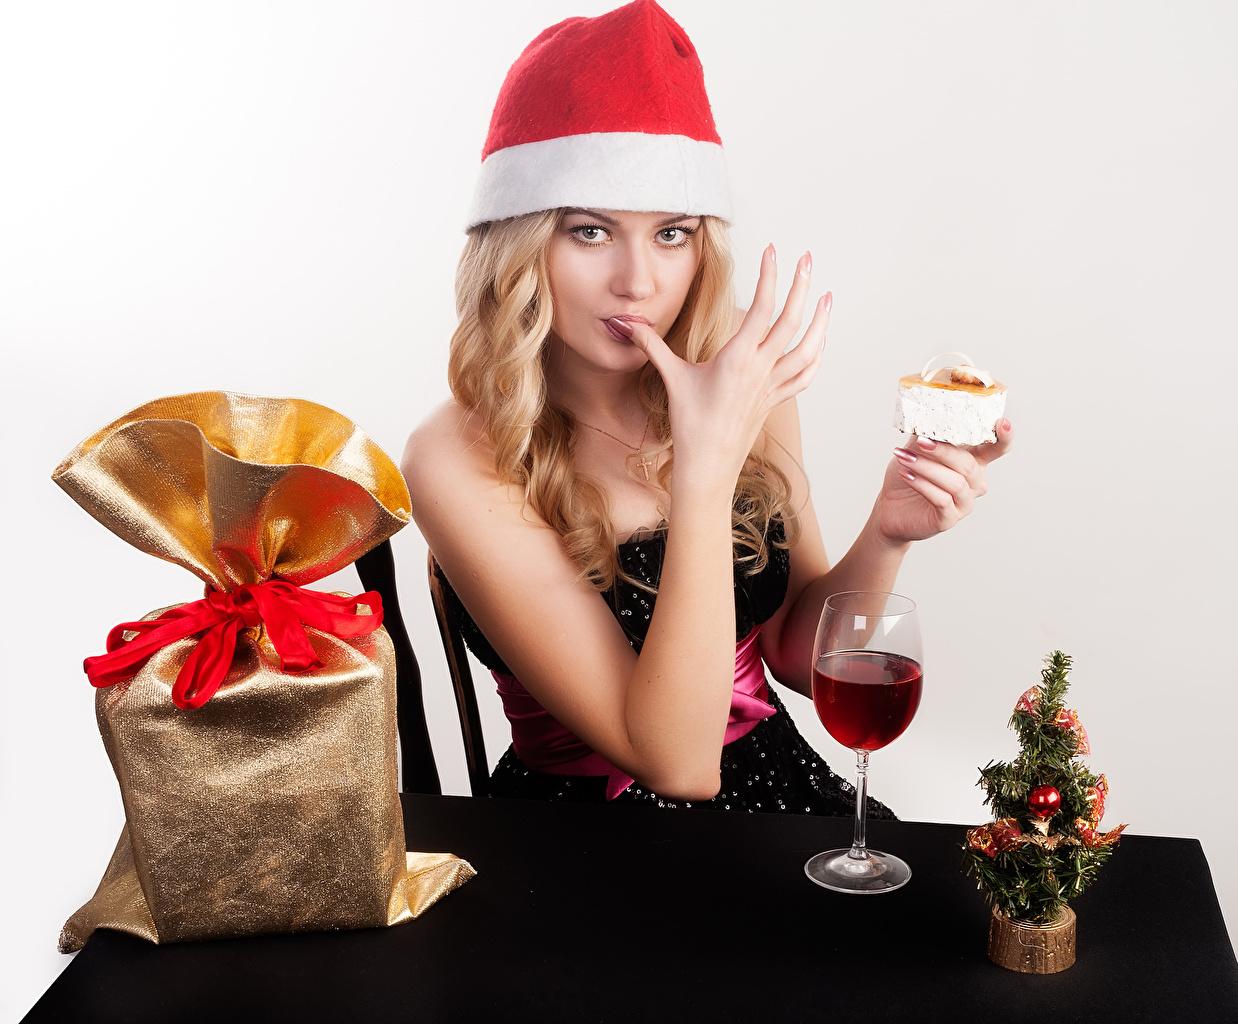 Fotos Neujahr Blondine Wein Mütze Mädchens Geschenke Hand Weinglas Blond Mädchen